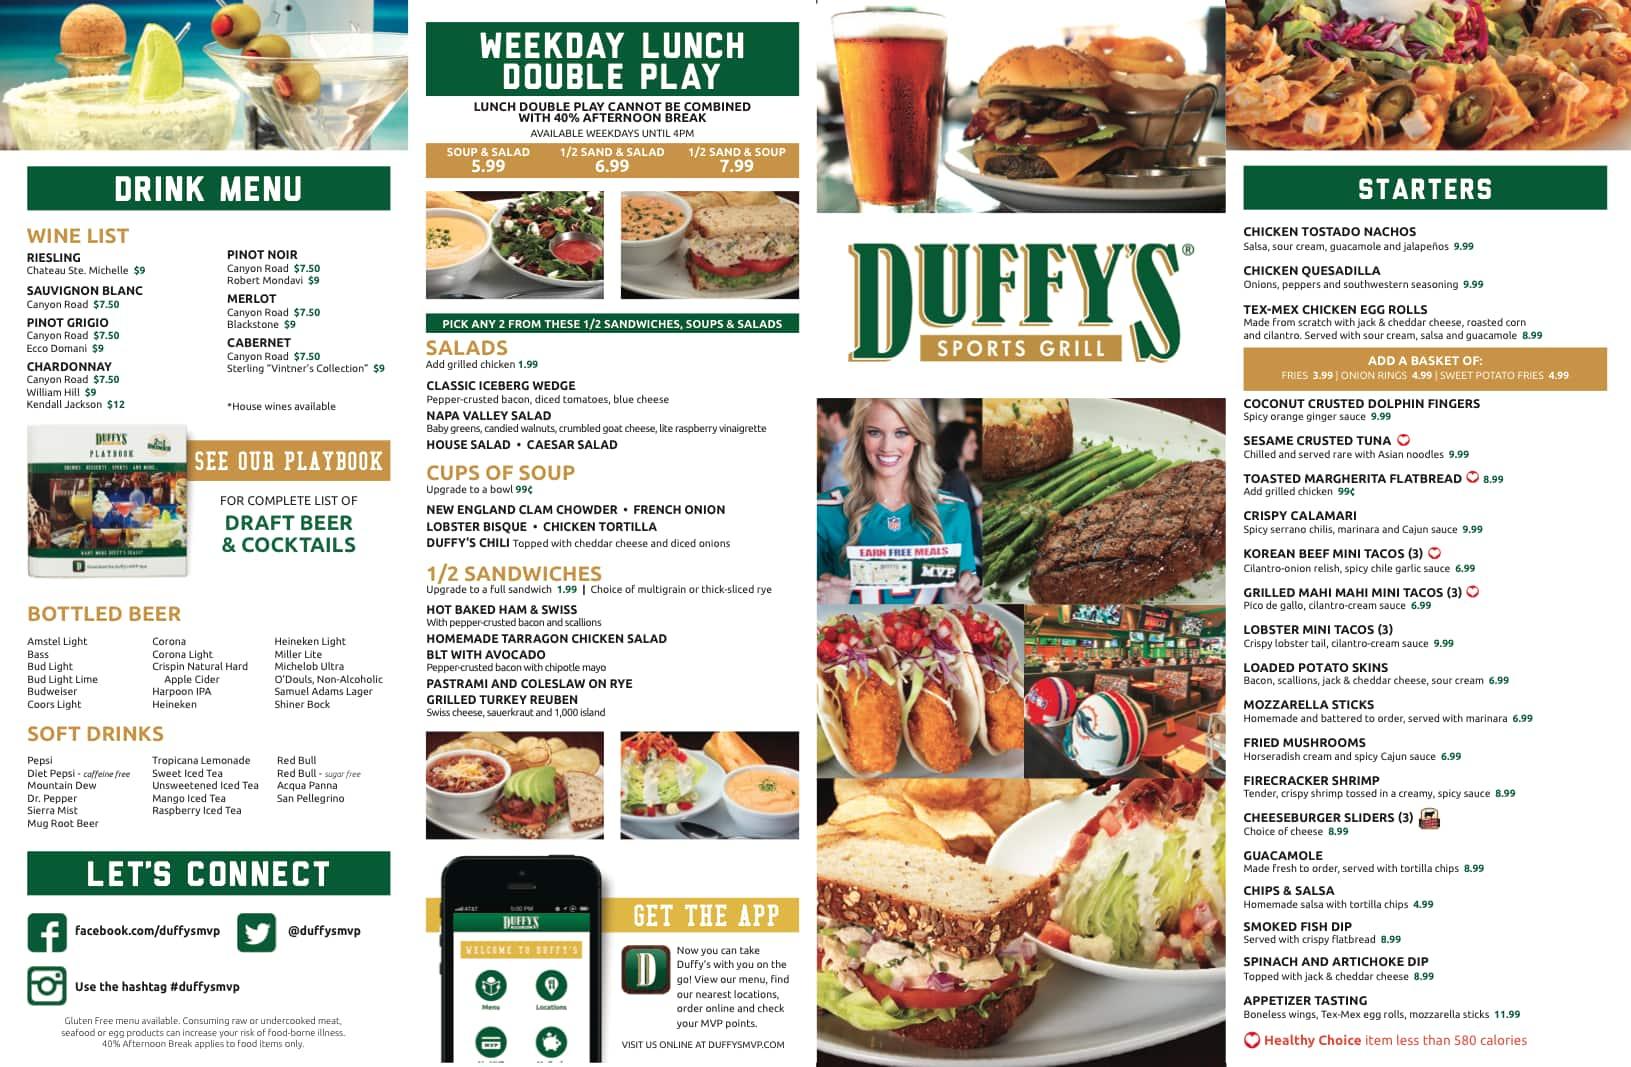 Duffy S Sports Grill Palm Beach Lakes Menu